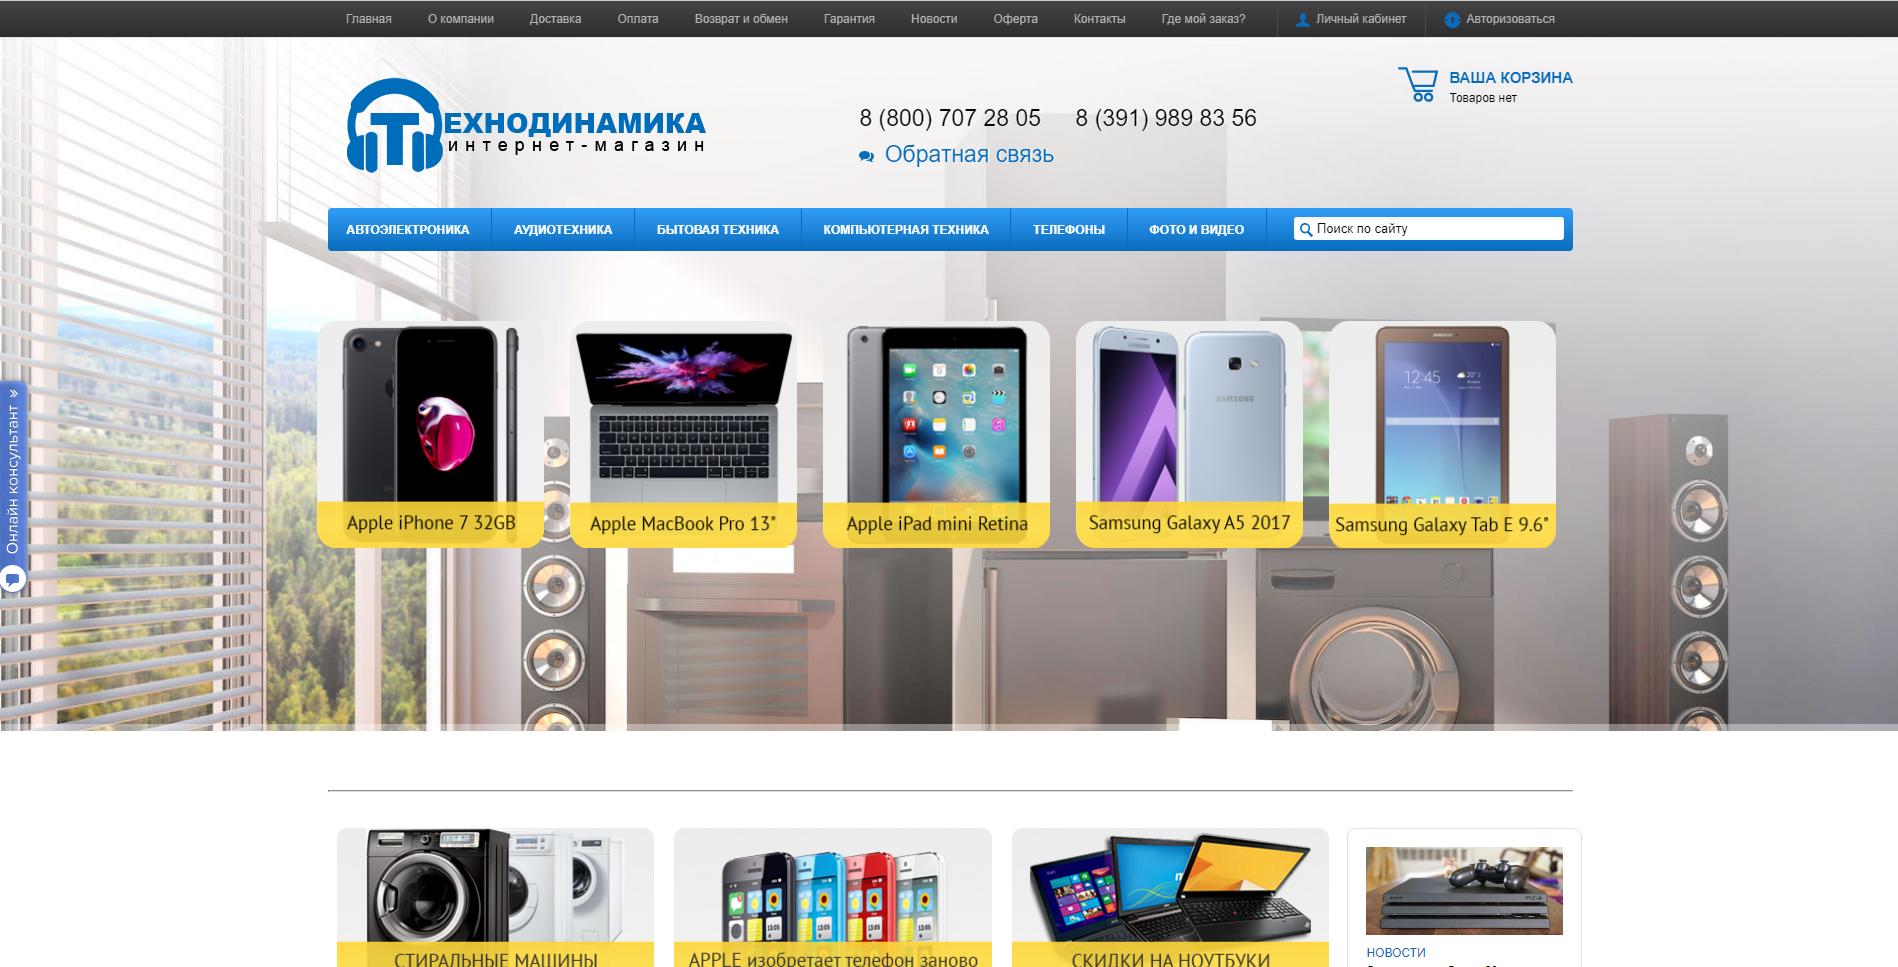 онлайн-гипермаркет электроники и цифровой техники Технодинамика